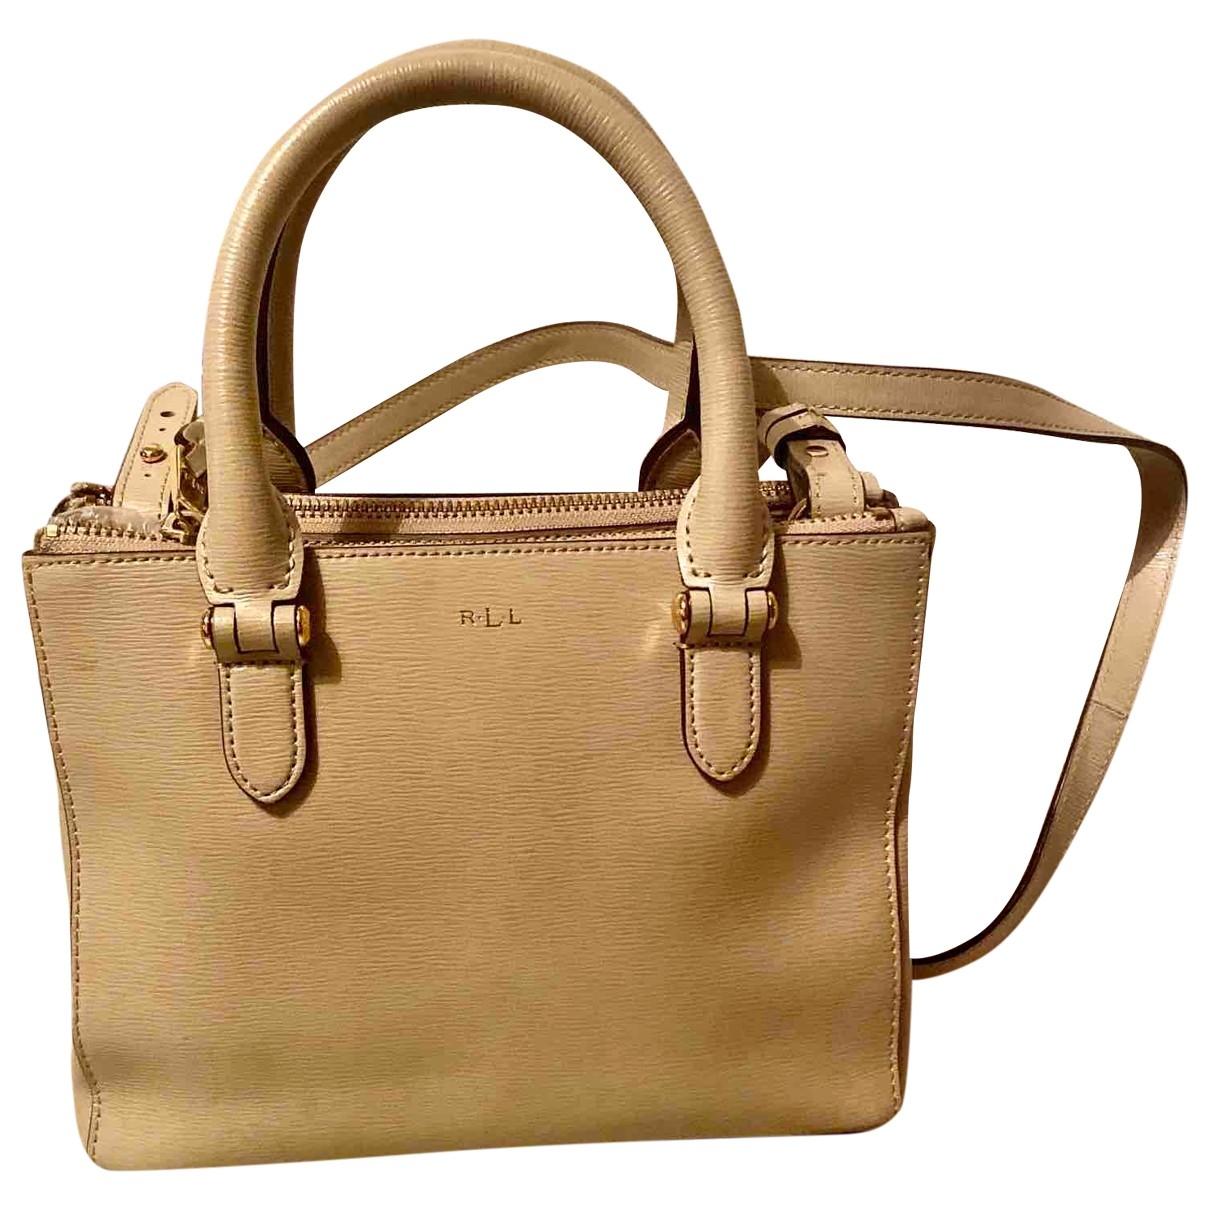 Lauren Ralph Lauren \N Beige Leather handbag for Women \N